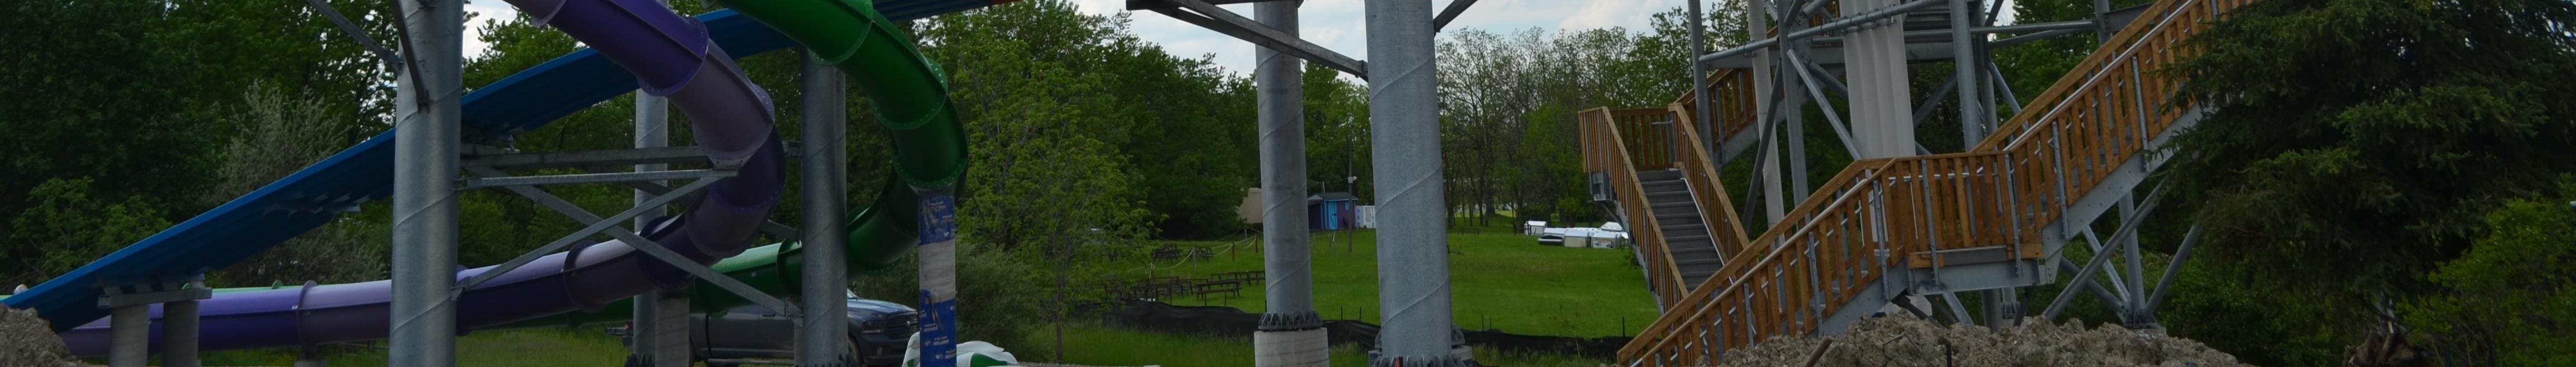 Galvanized Water Park Ontario